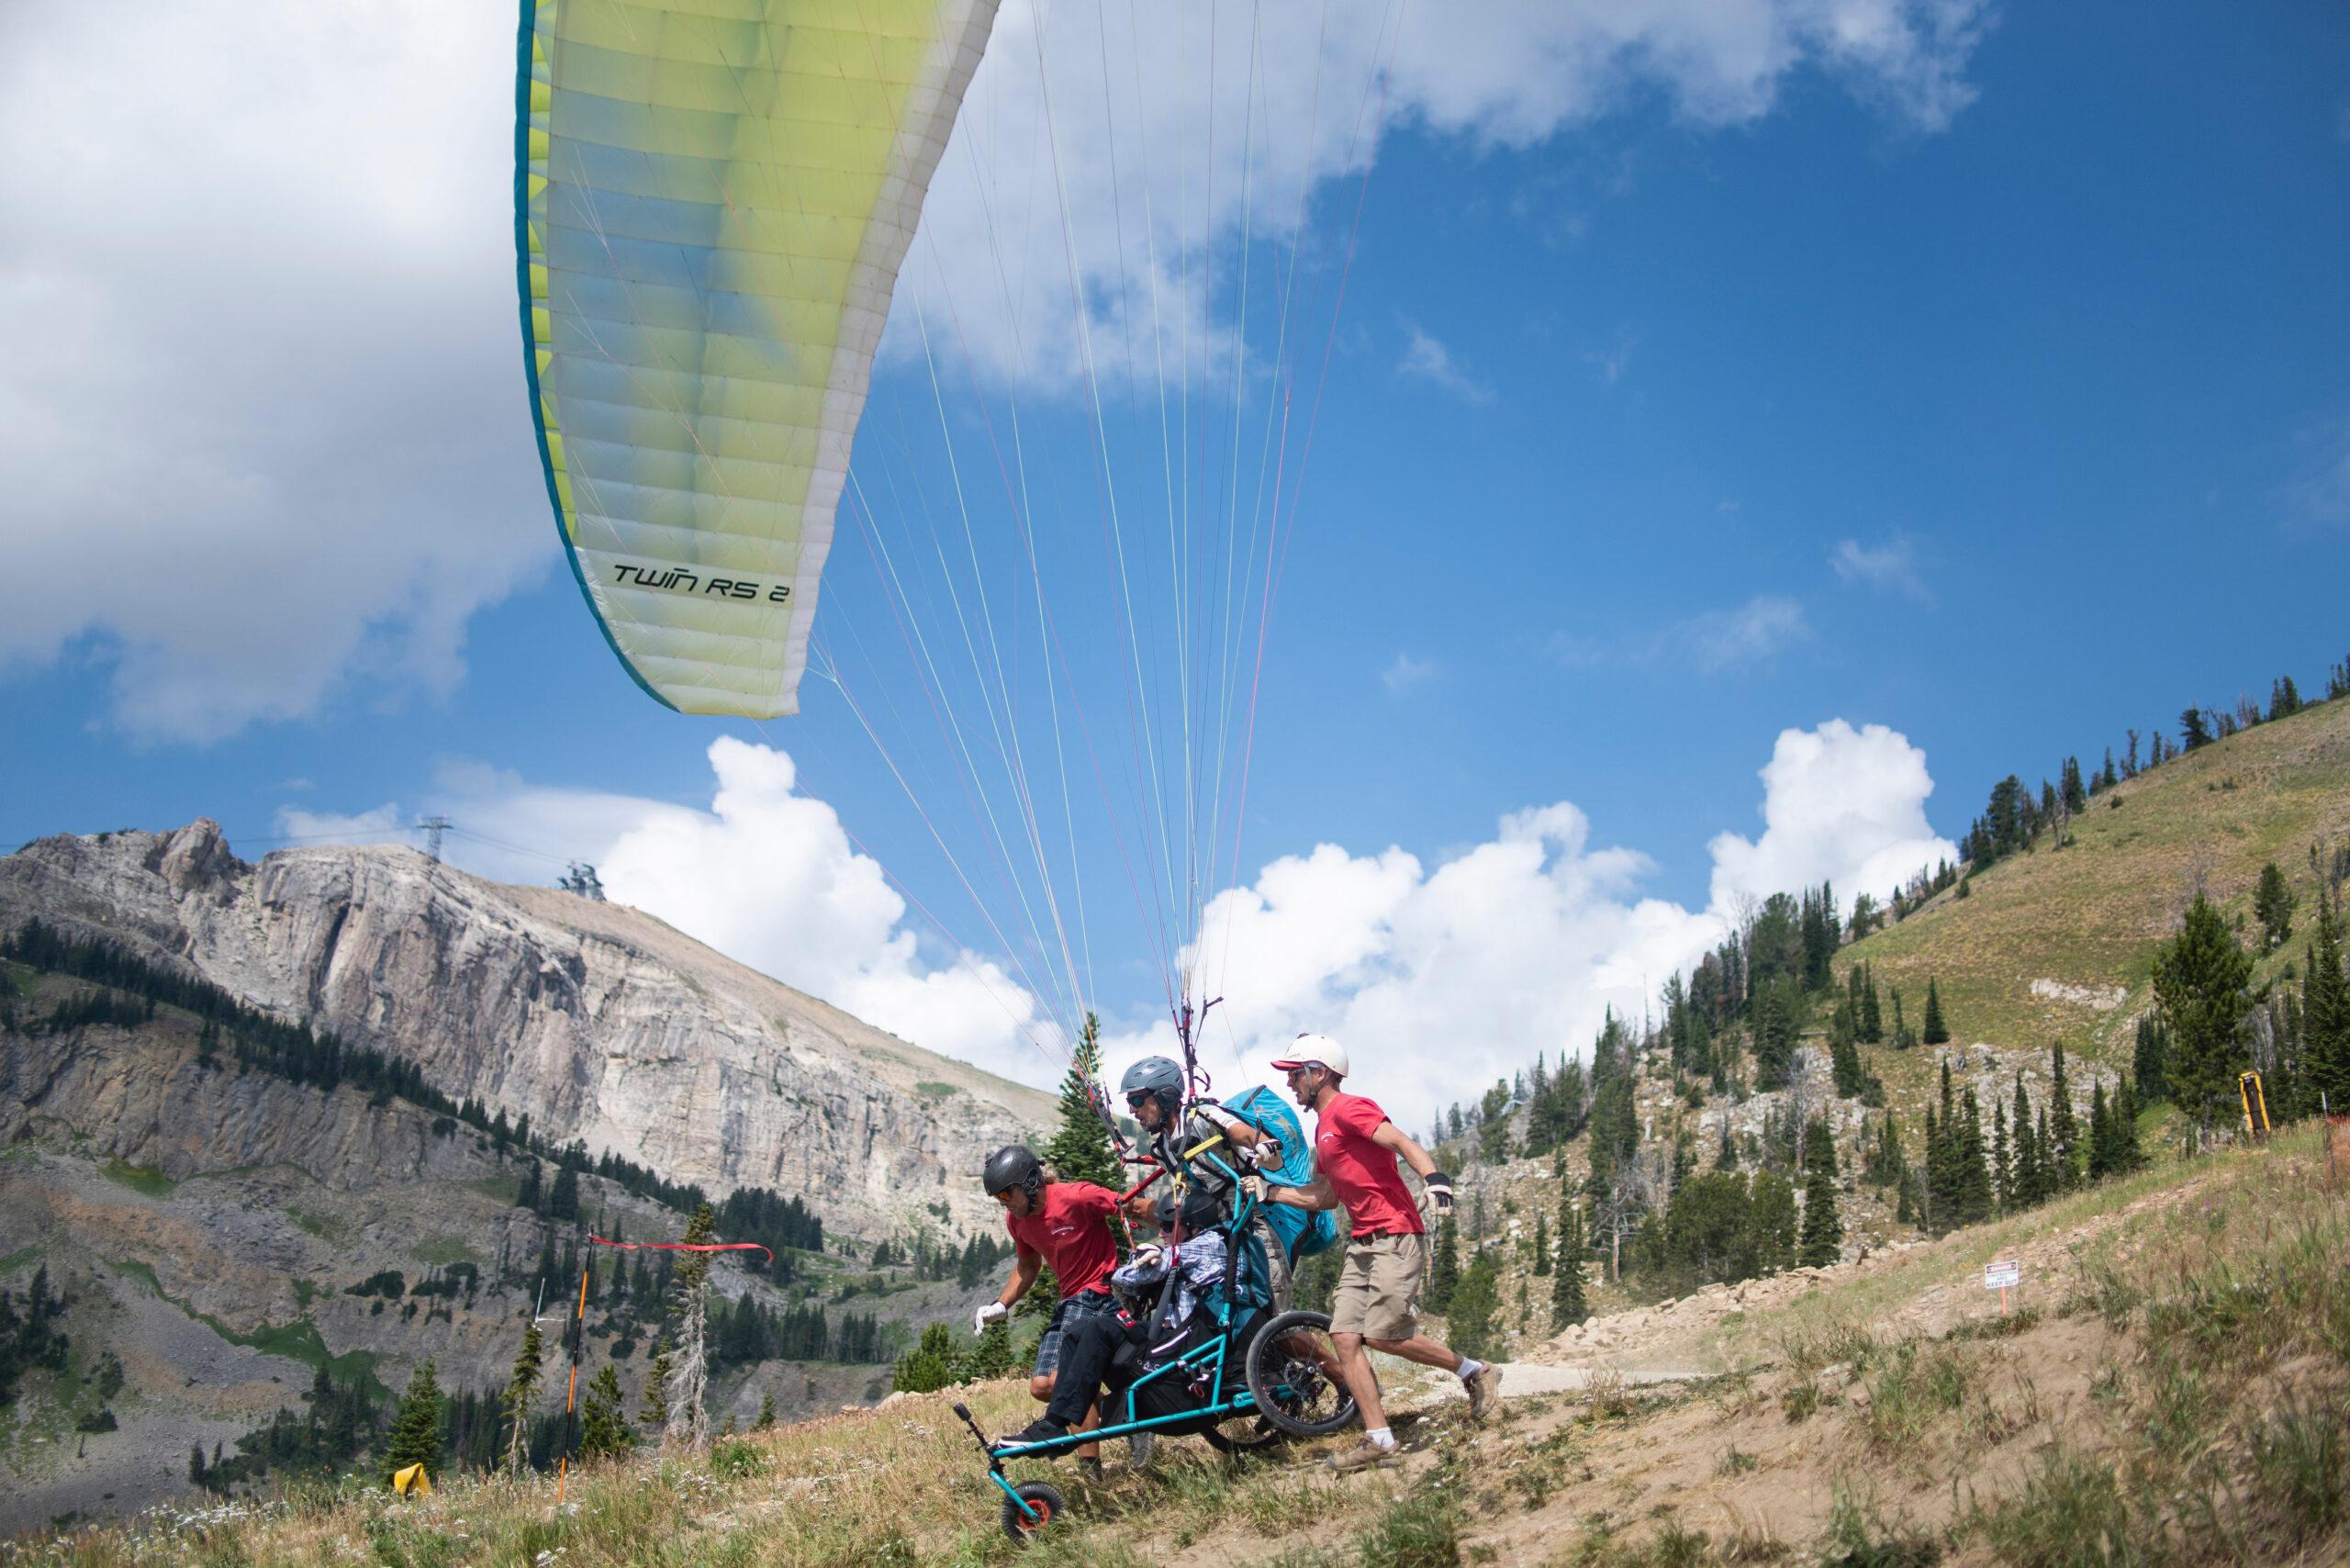 Inaugural Adaptive Paragliding Season a Soaring Success